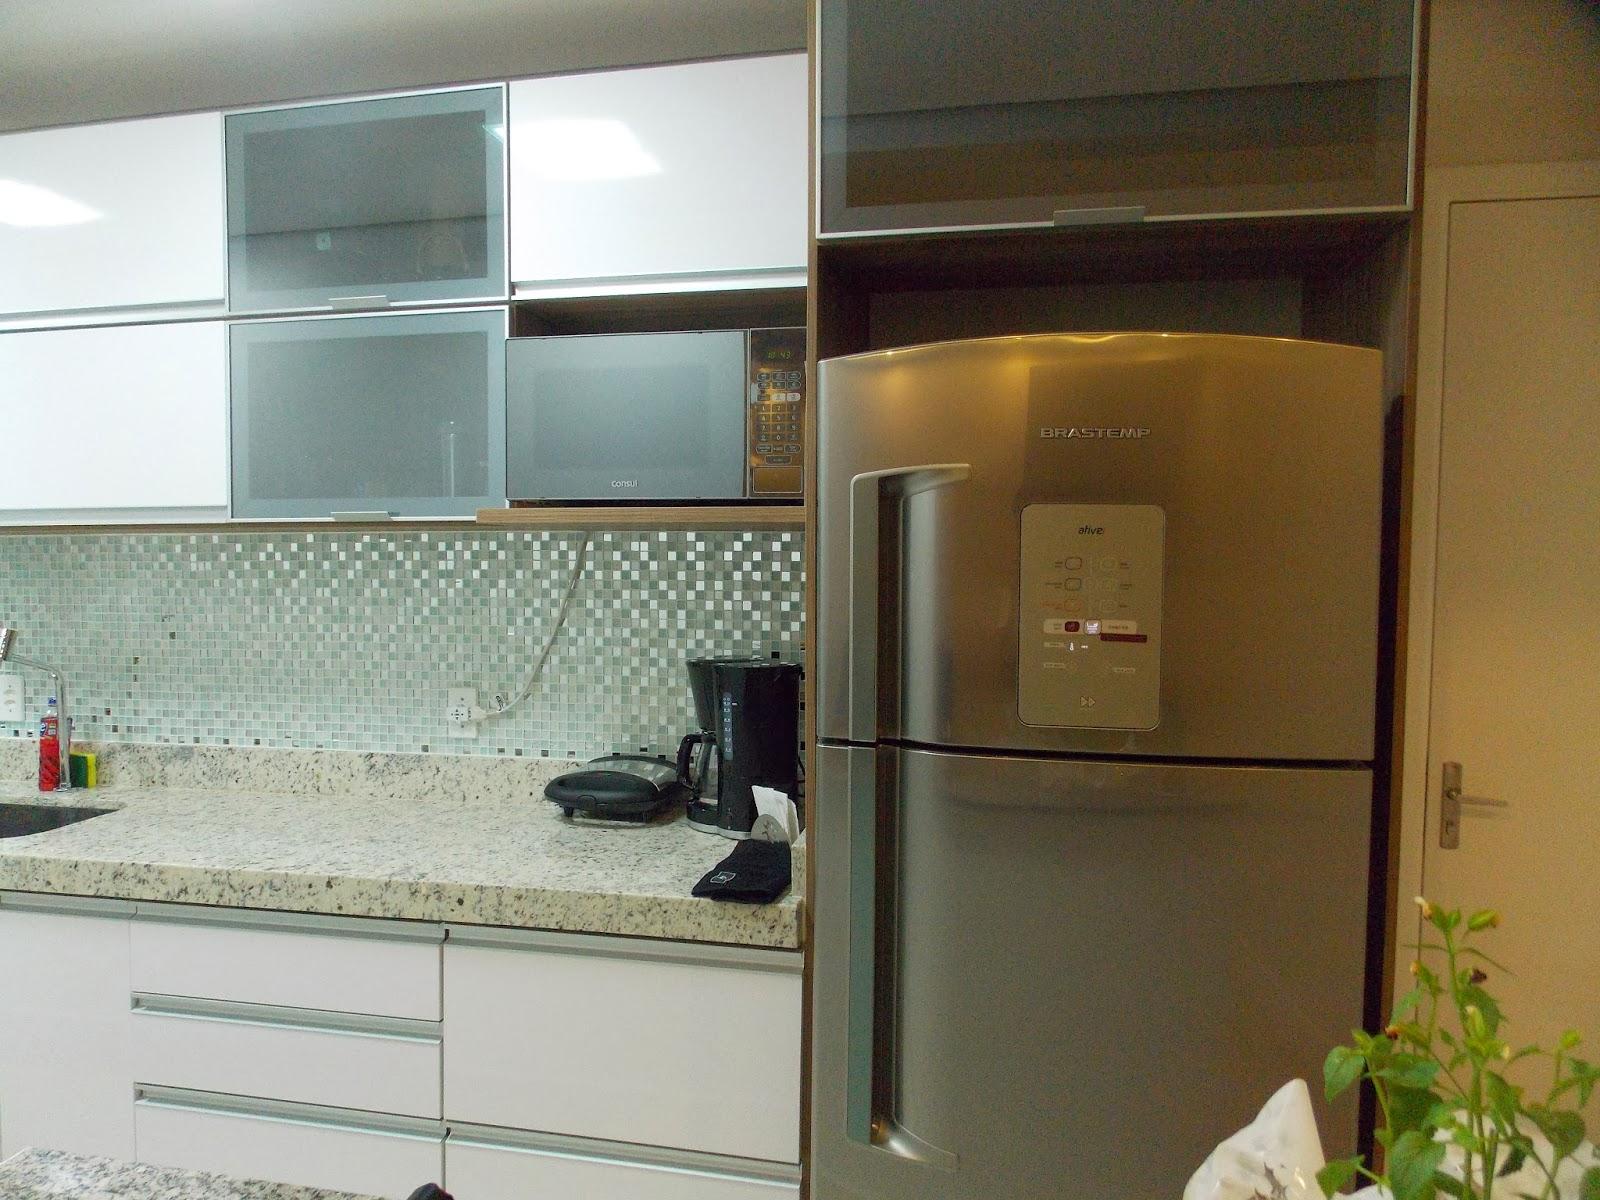 #987533 Loucos do 14!!: Enfim as pastilhas na cozinha 1600x1200 px Fornecedores De Cozinha_754 Imagens